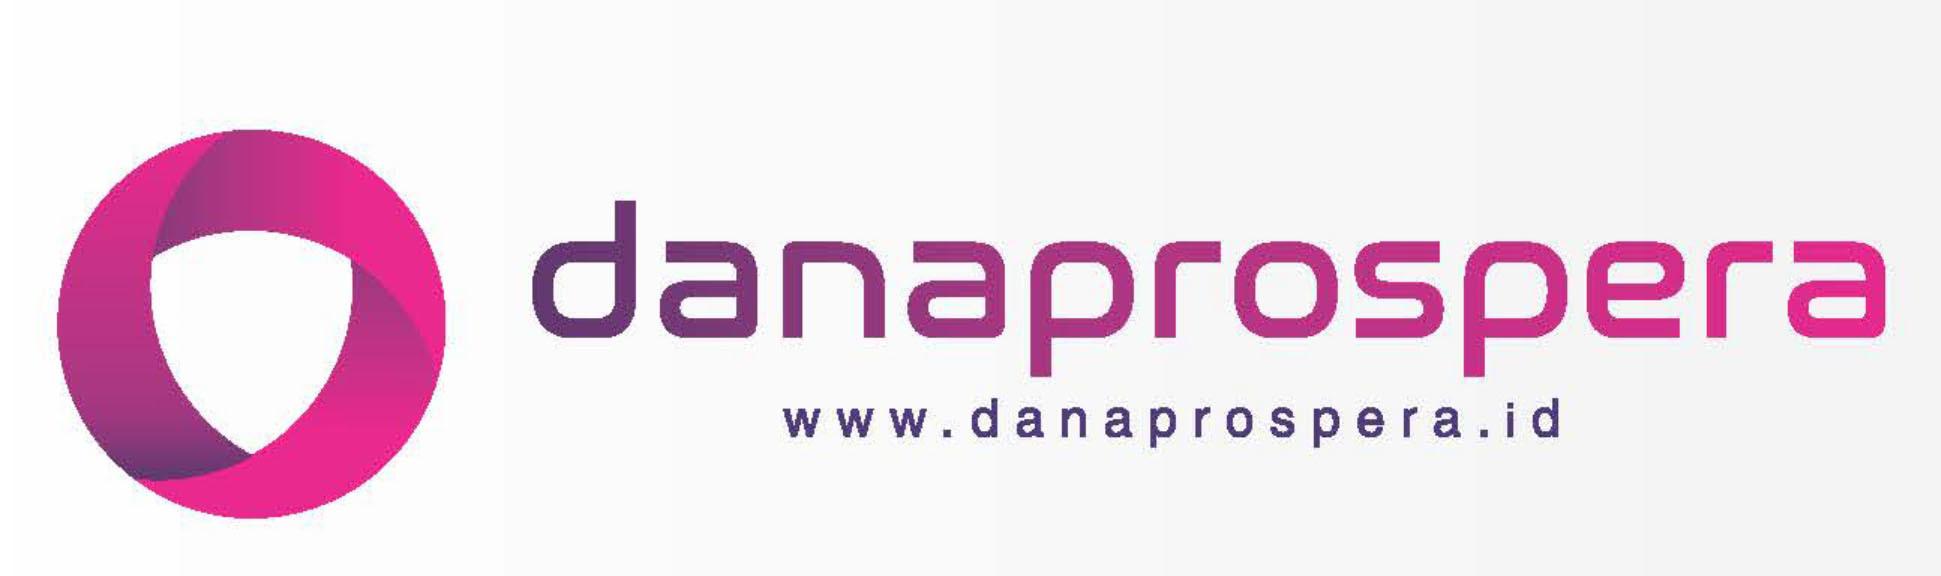 The speaker works for Danaprospera.id